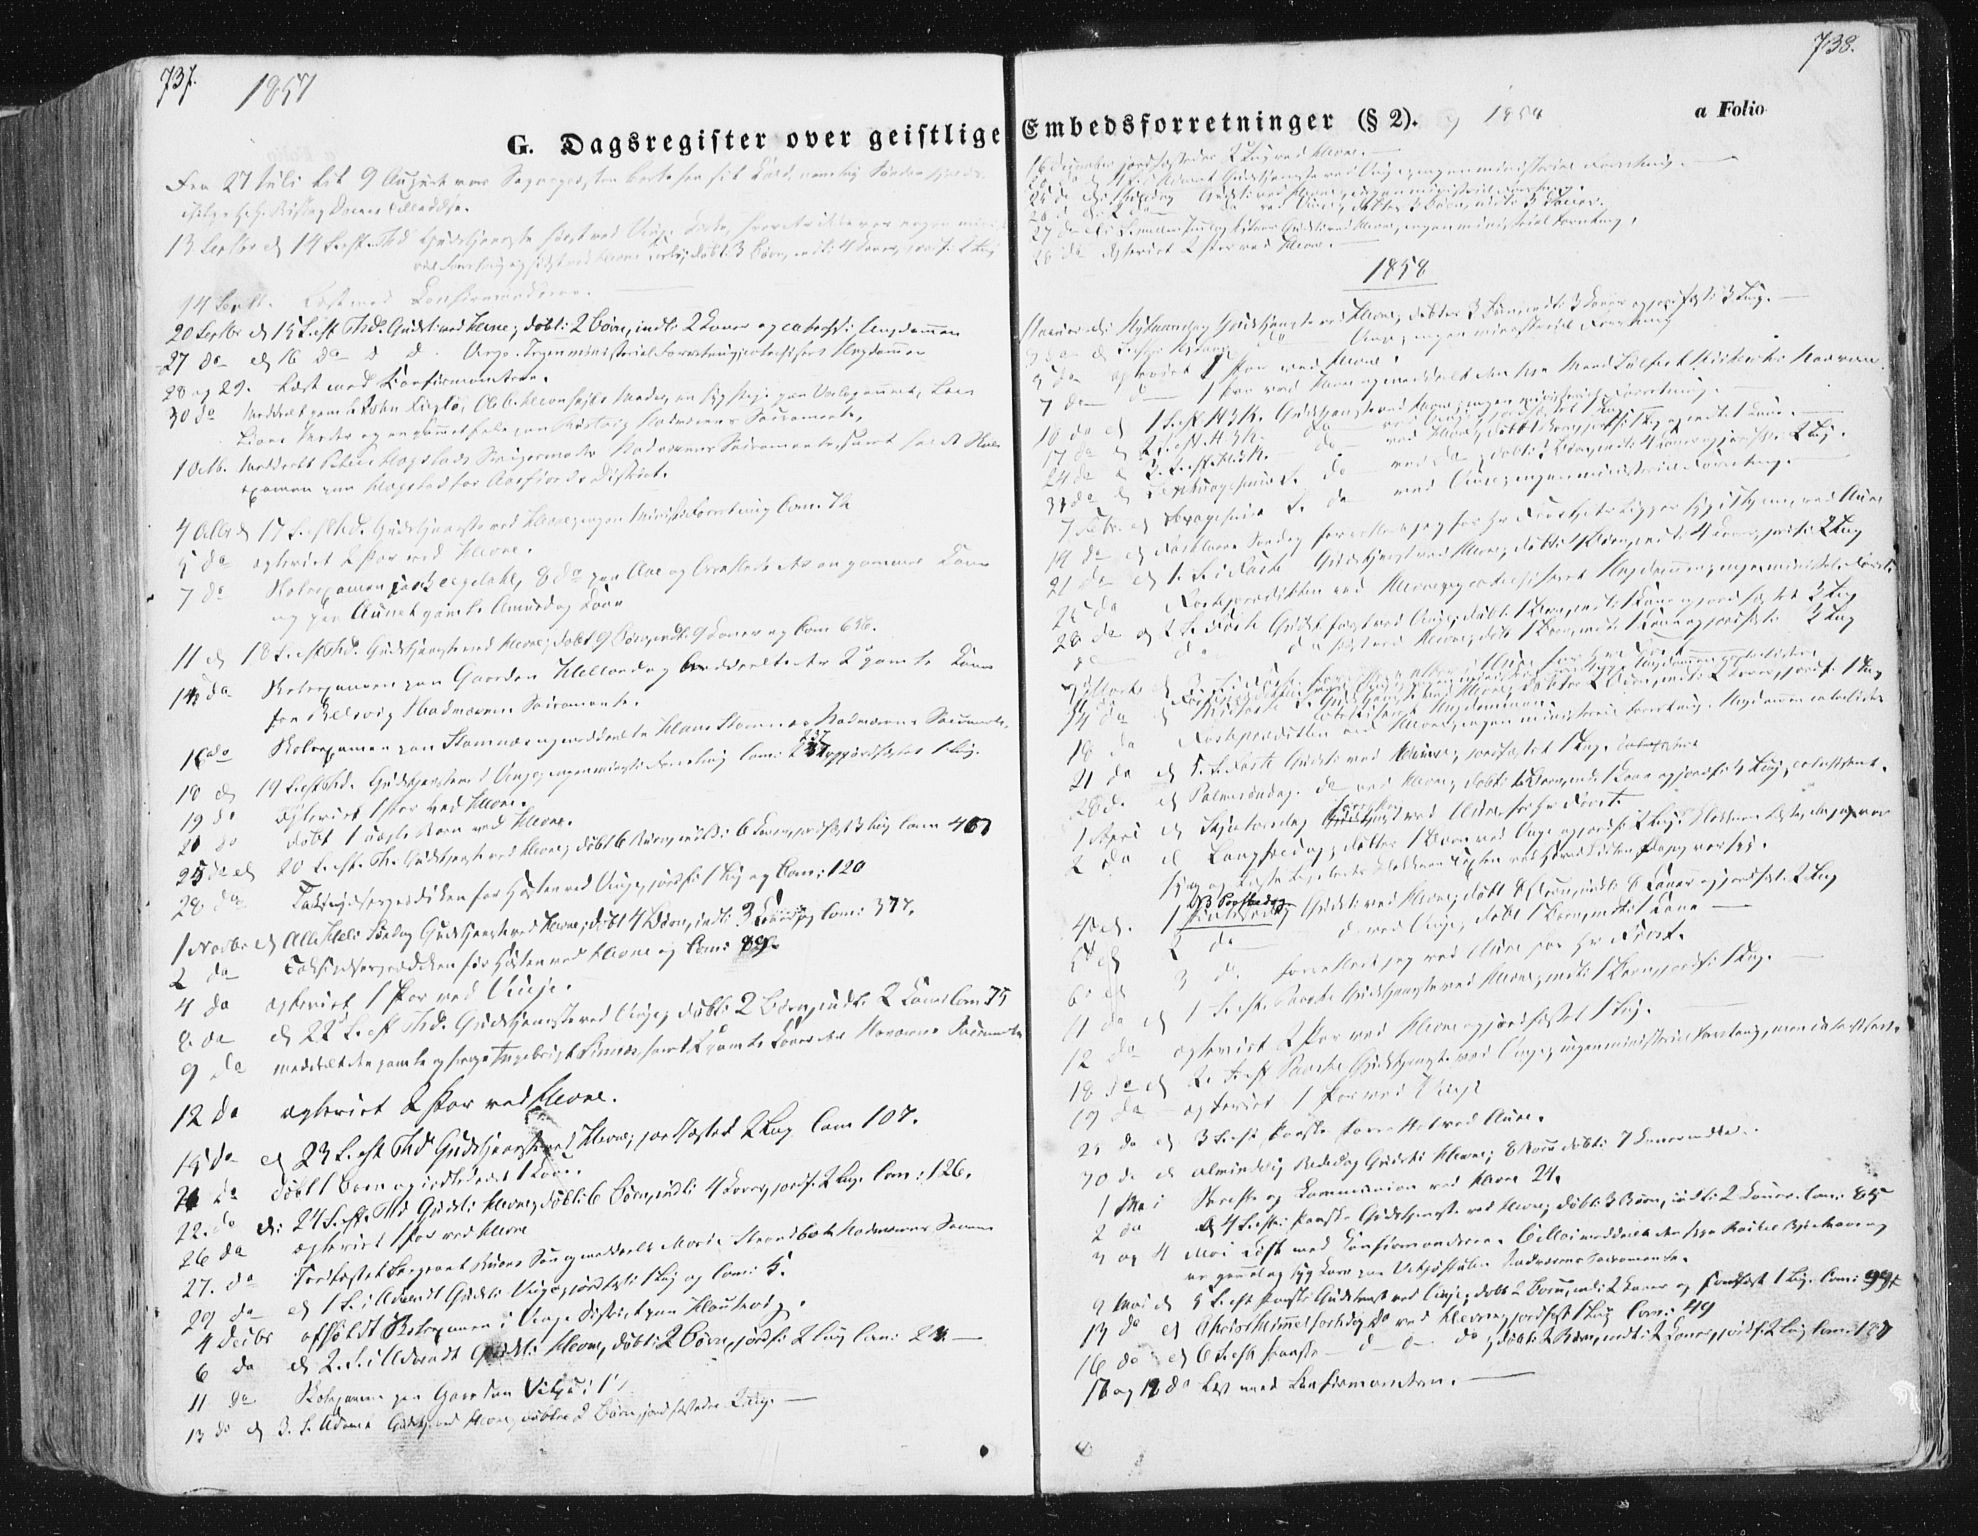 SAT, Ministerialprotokoller, klokkerbøker og fødselsregistre - Sør-Trøndelag, 630/L0494: Ministerialbok nr. 630A07, 1852-1868, s. 737-738